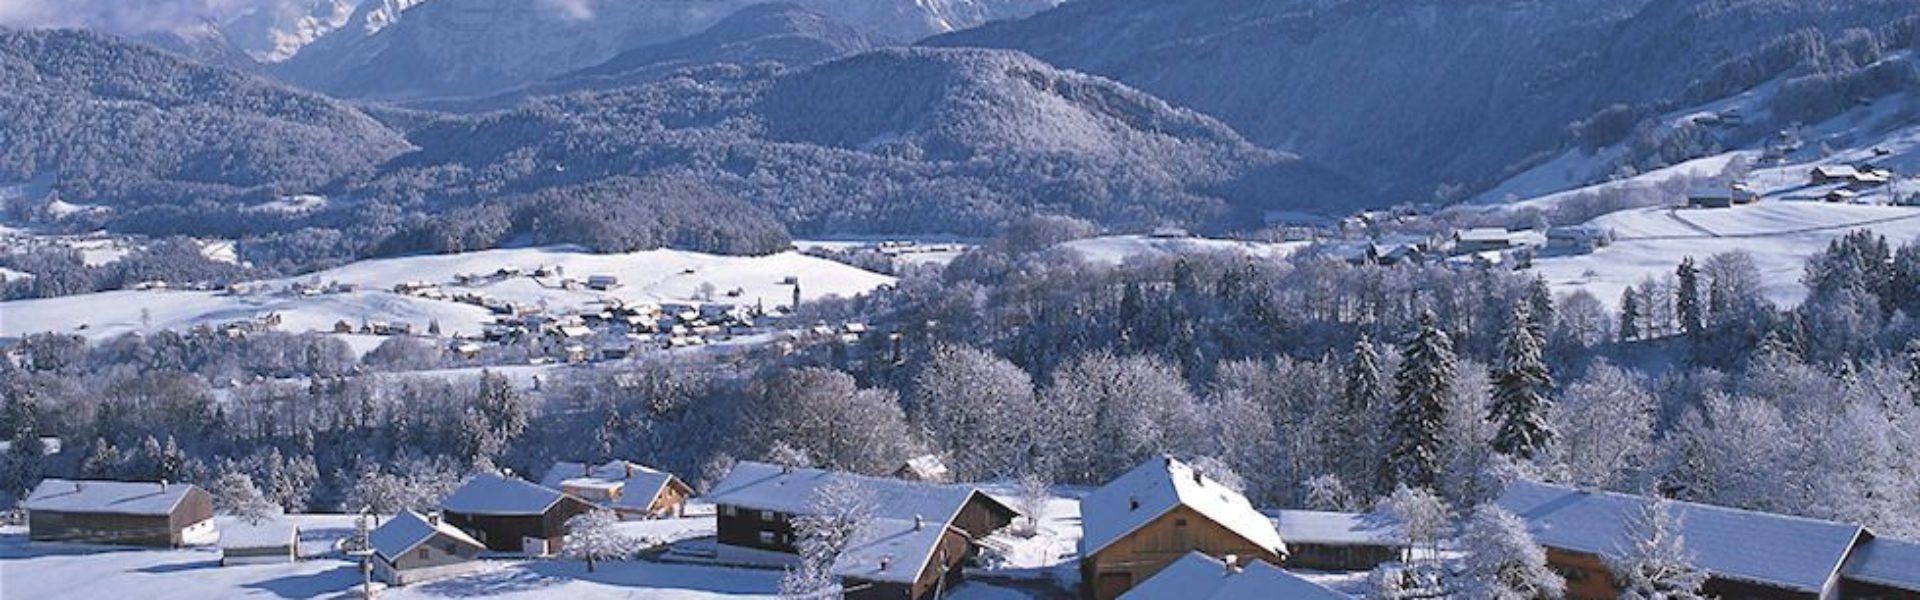 Winter in Schwarzenberg, Bregenzerwald (c) Franz Oberhauser / Vorarlberg Tourismus